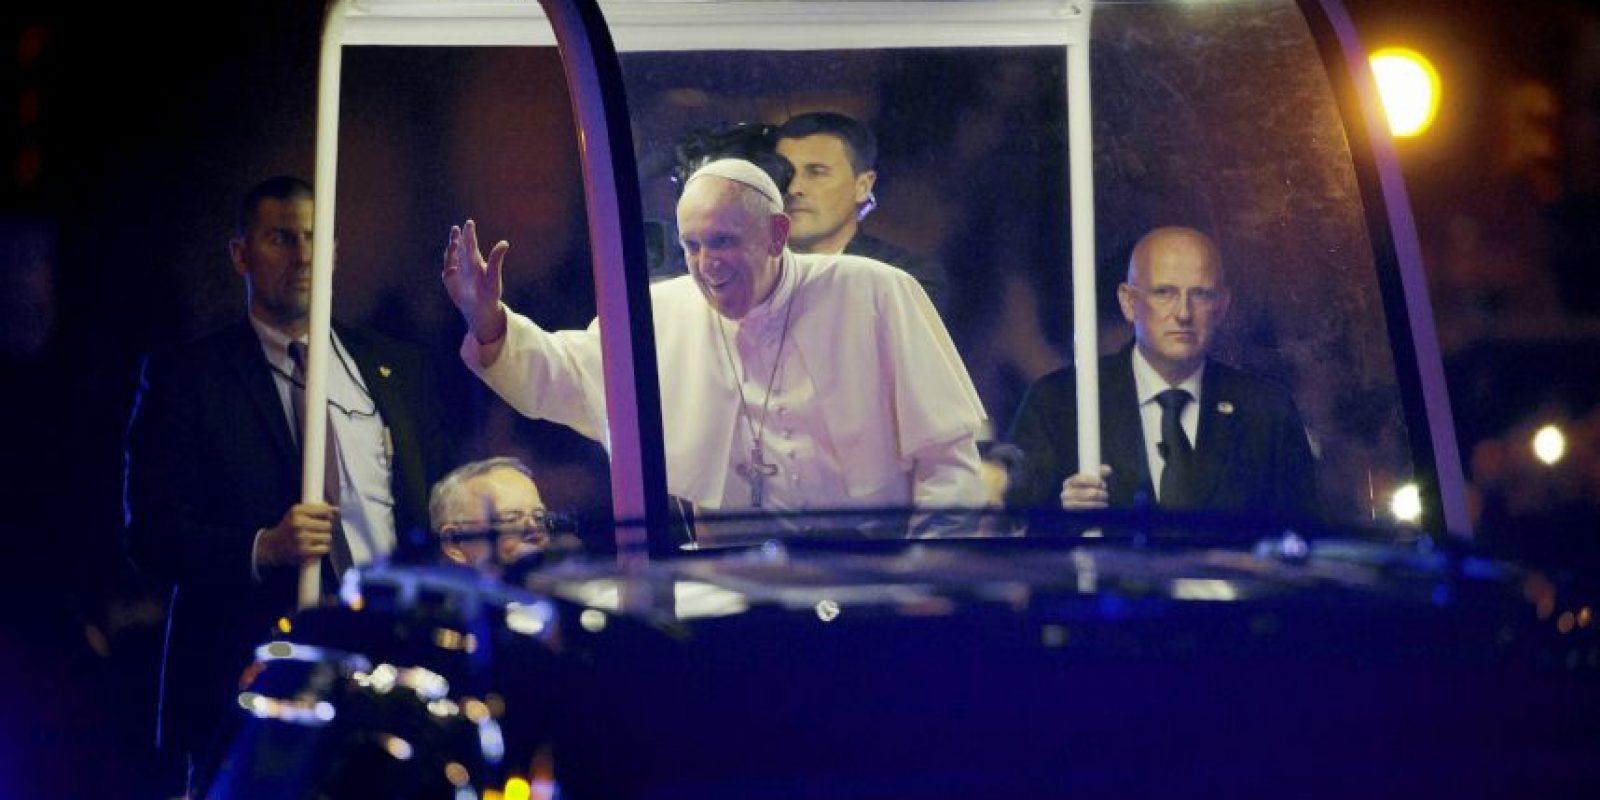 En sus discursos el Papa pidió por los migrantes. Foto:AP